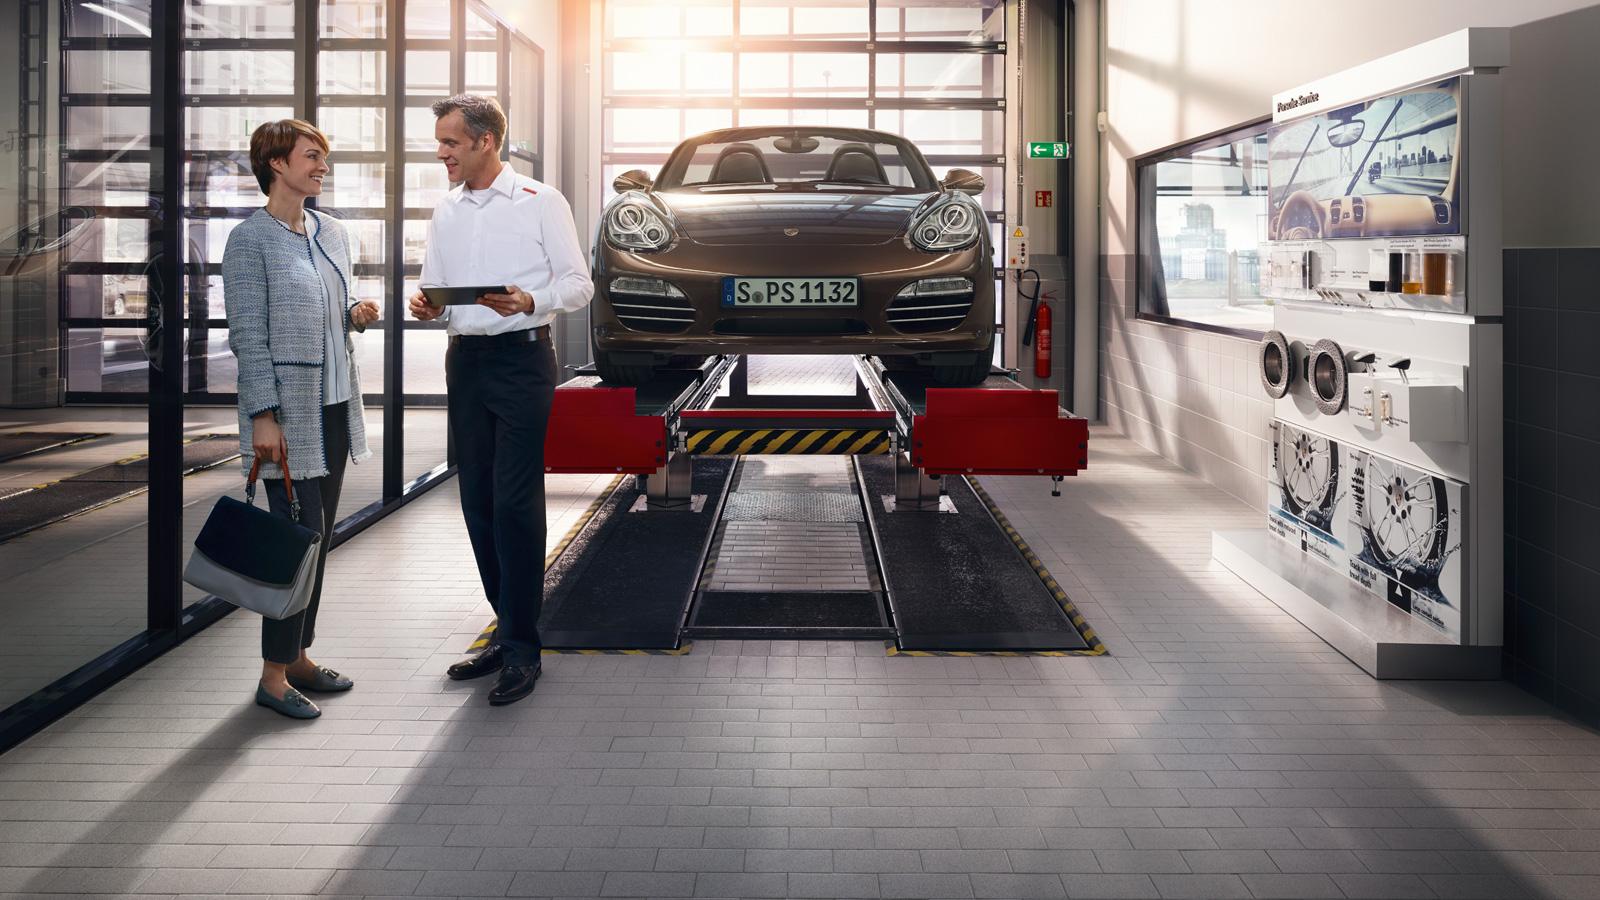 Porsche - Transparencia